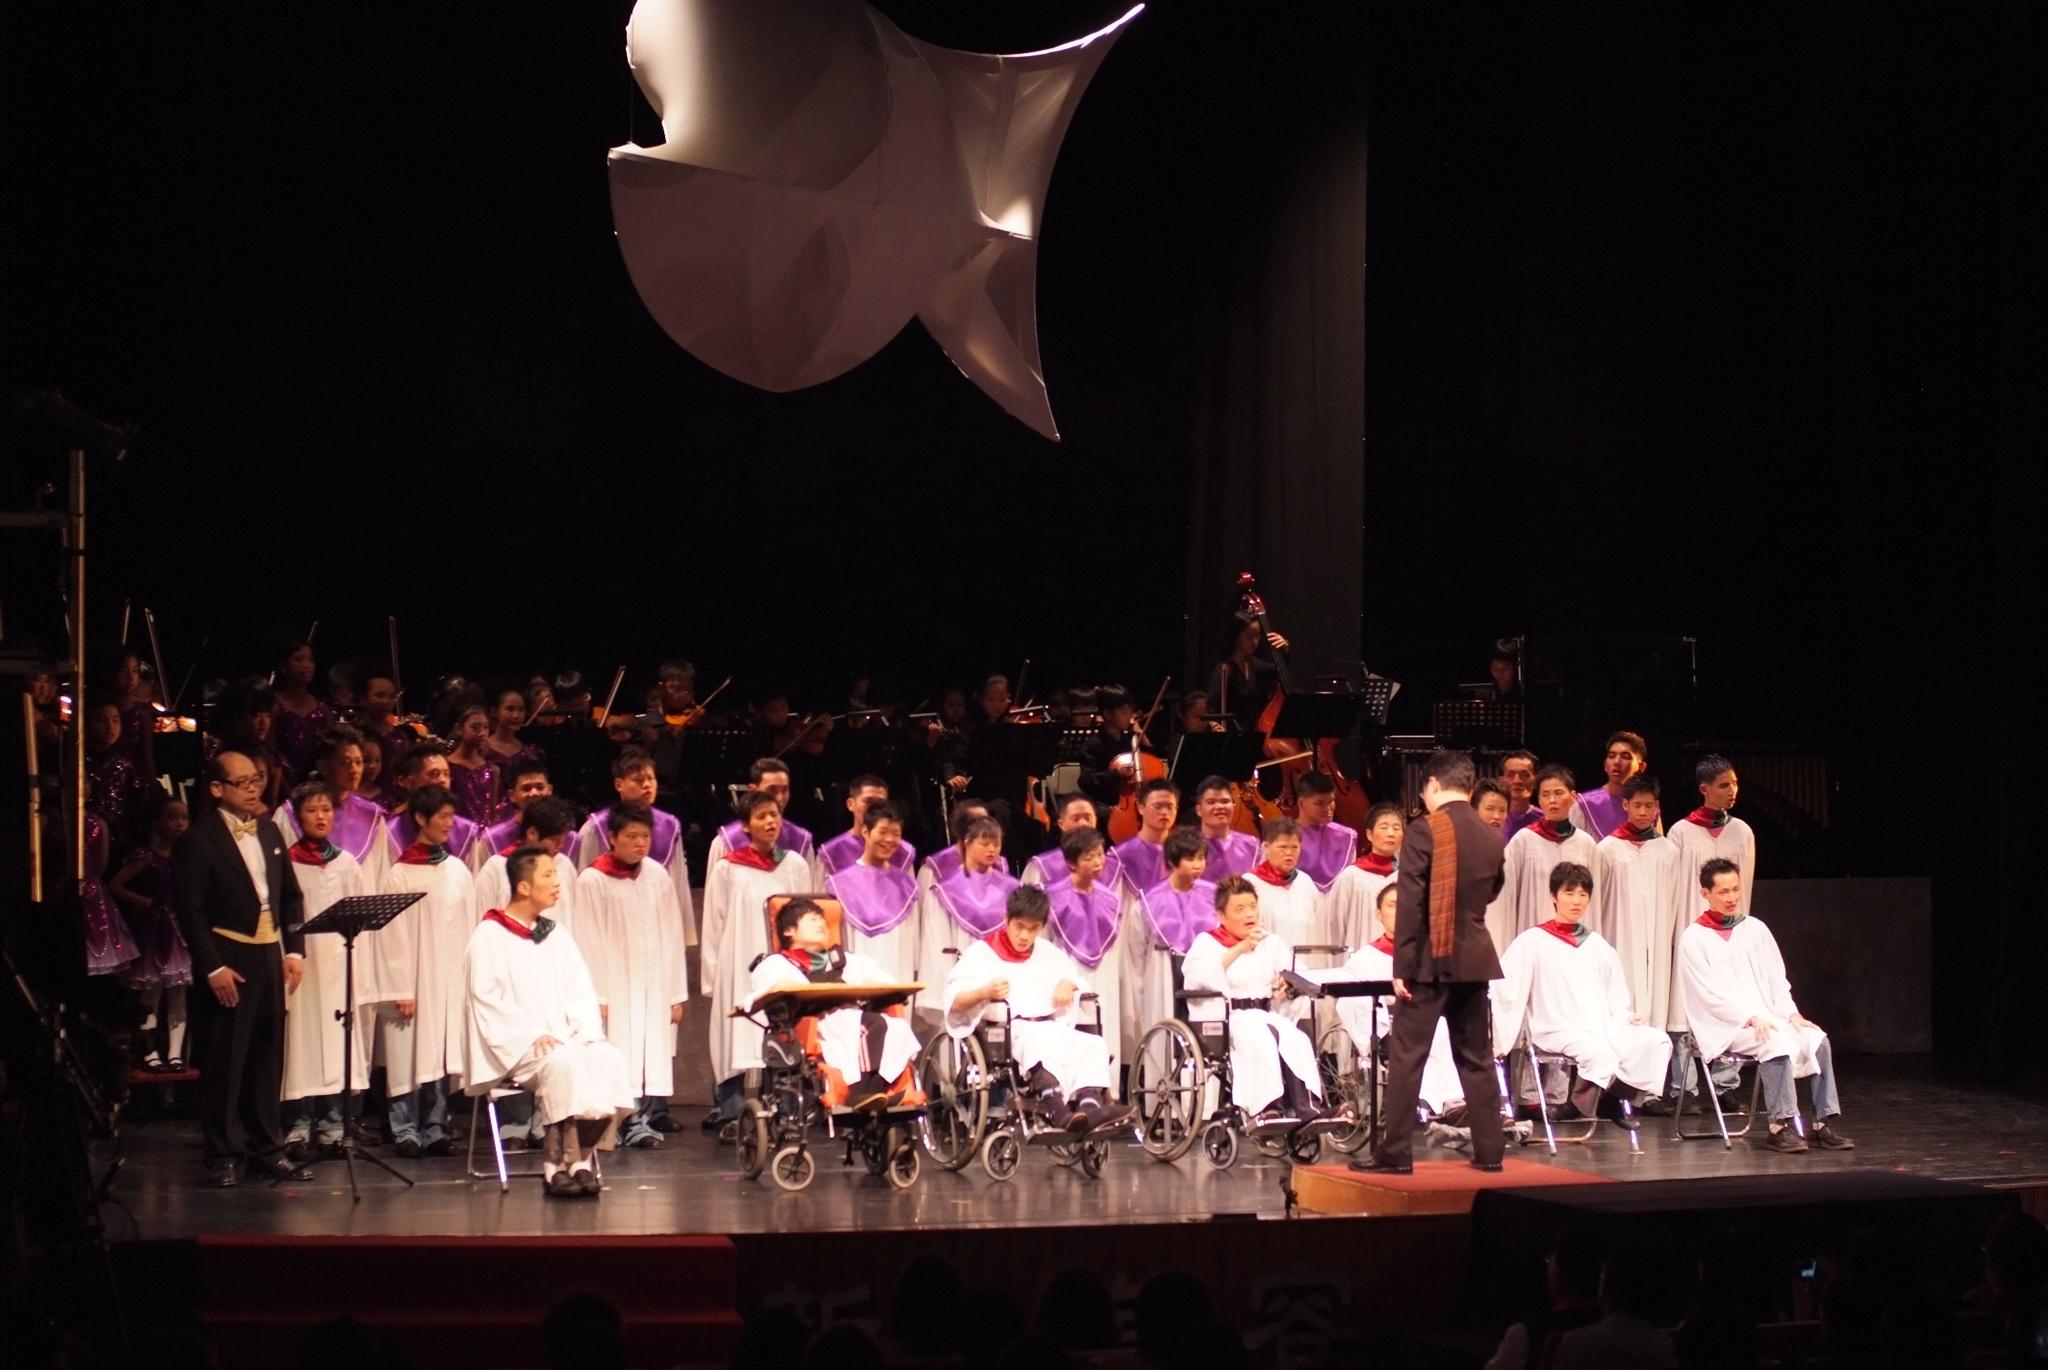 少年磐石「光的孩子」音樂劇演出的精采實況。